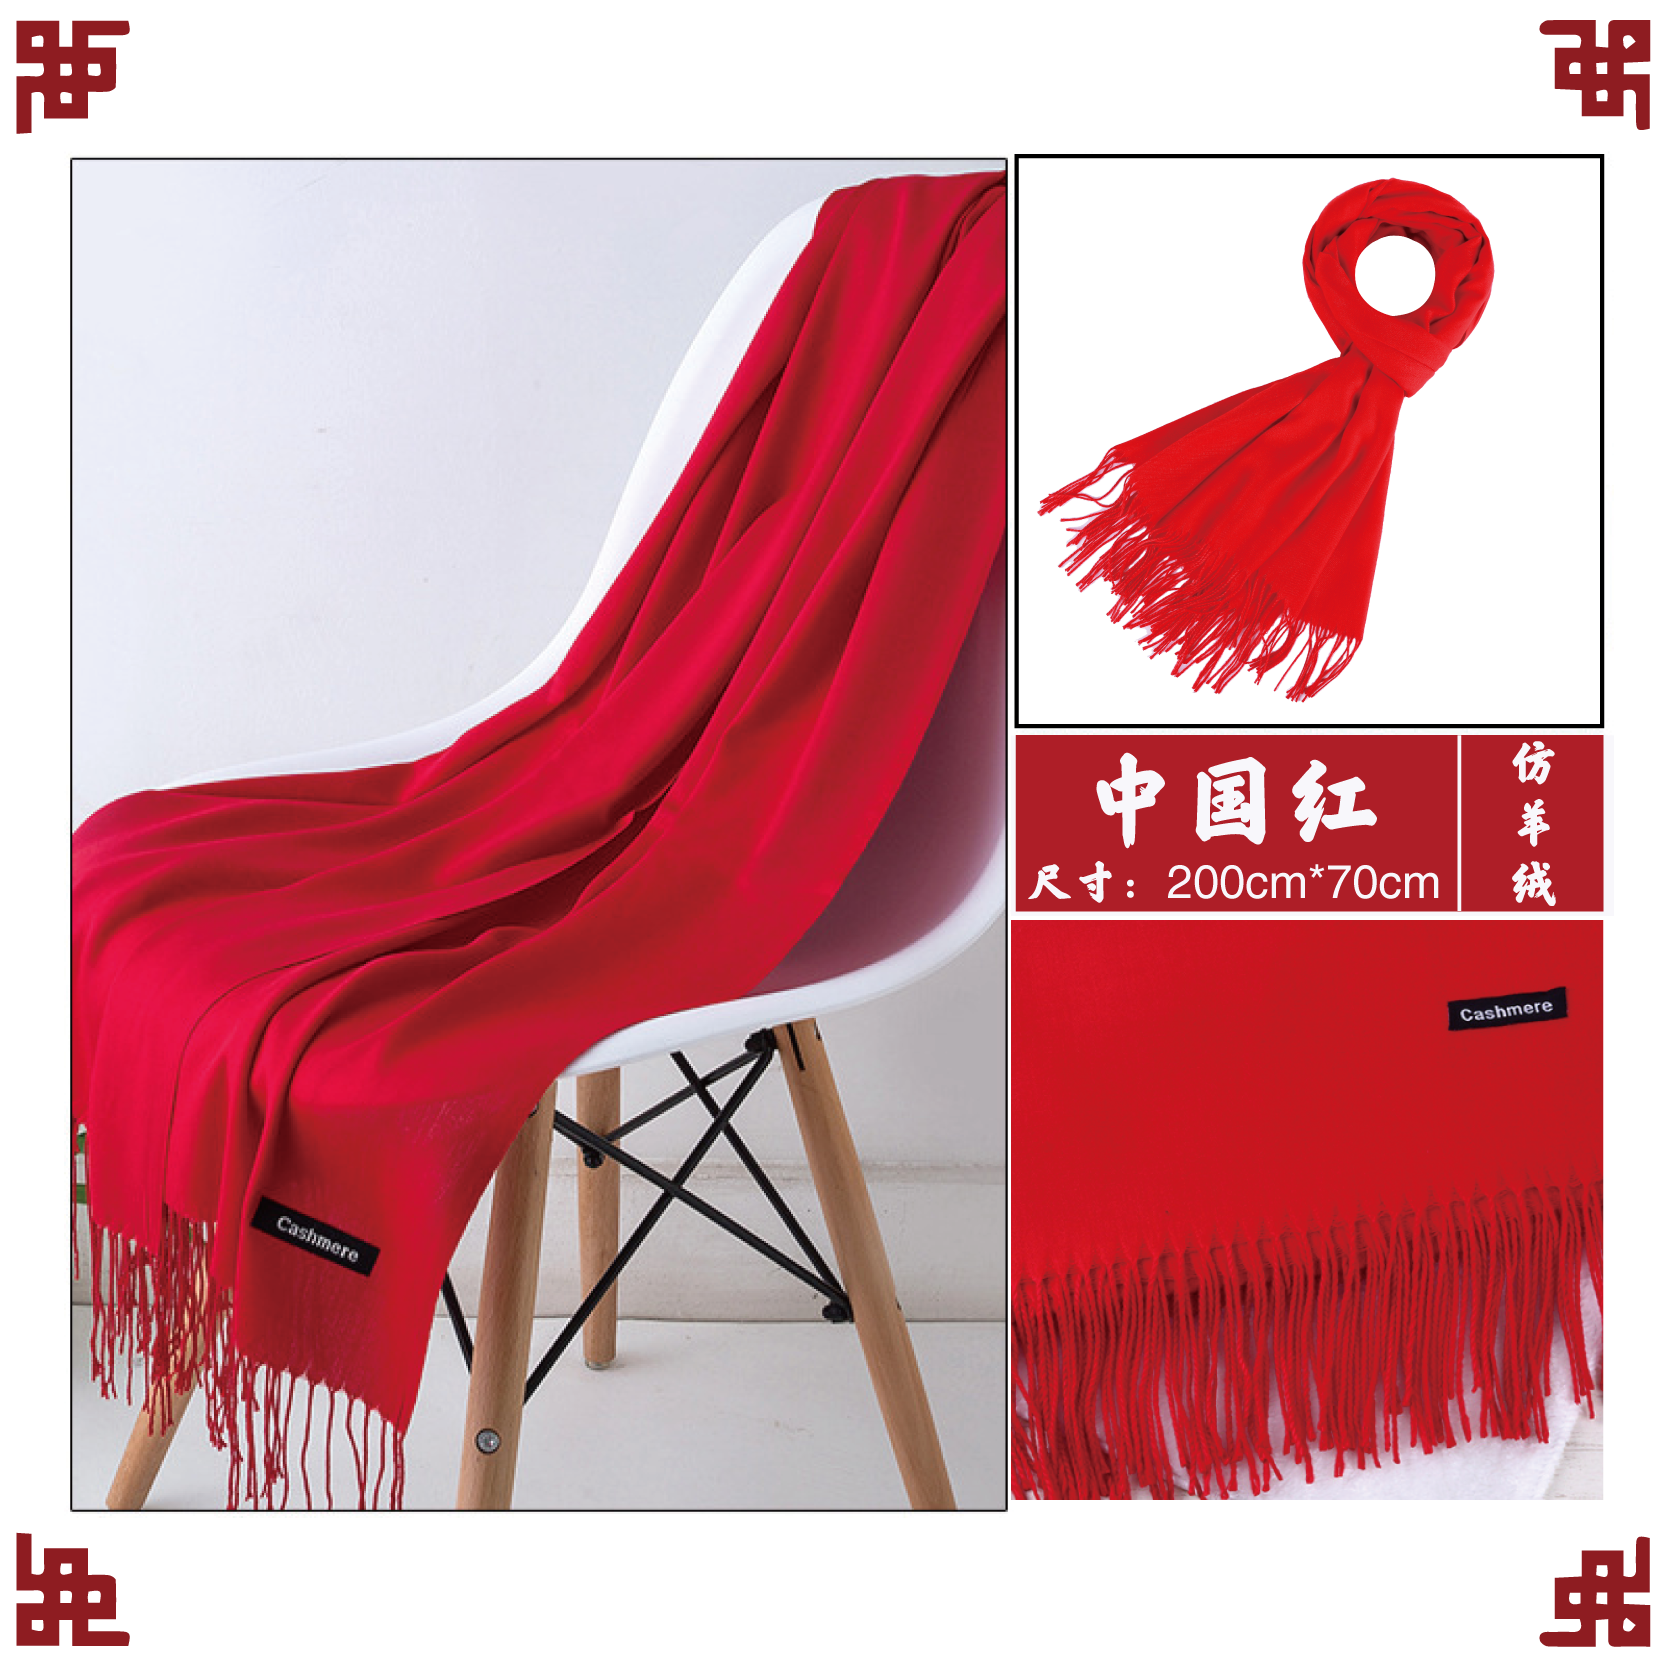 贵阳红围巾定制logo_礼品围巾定做